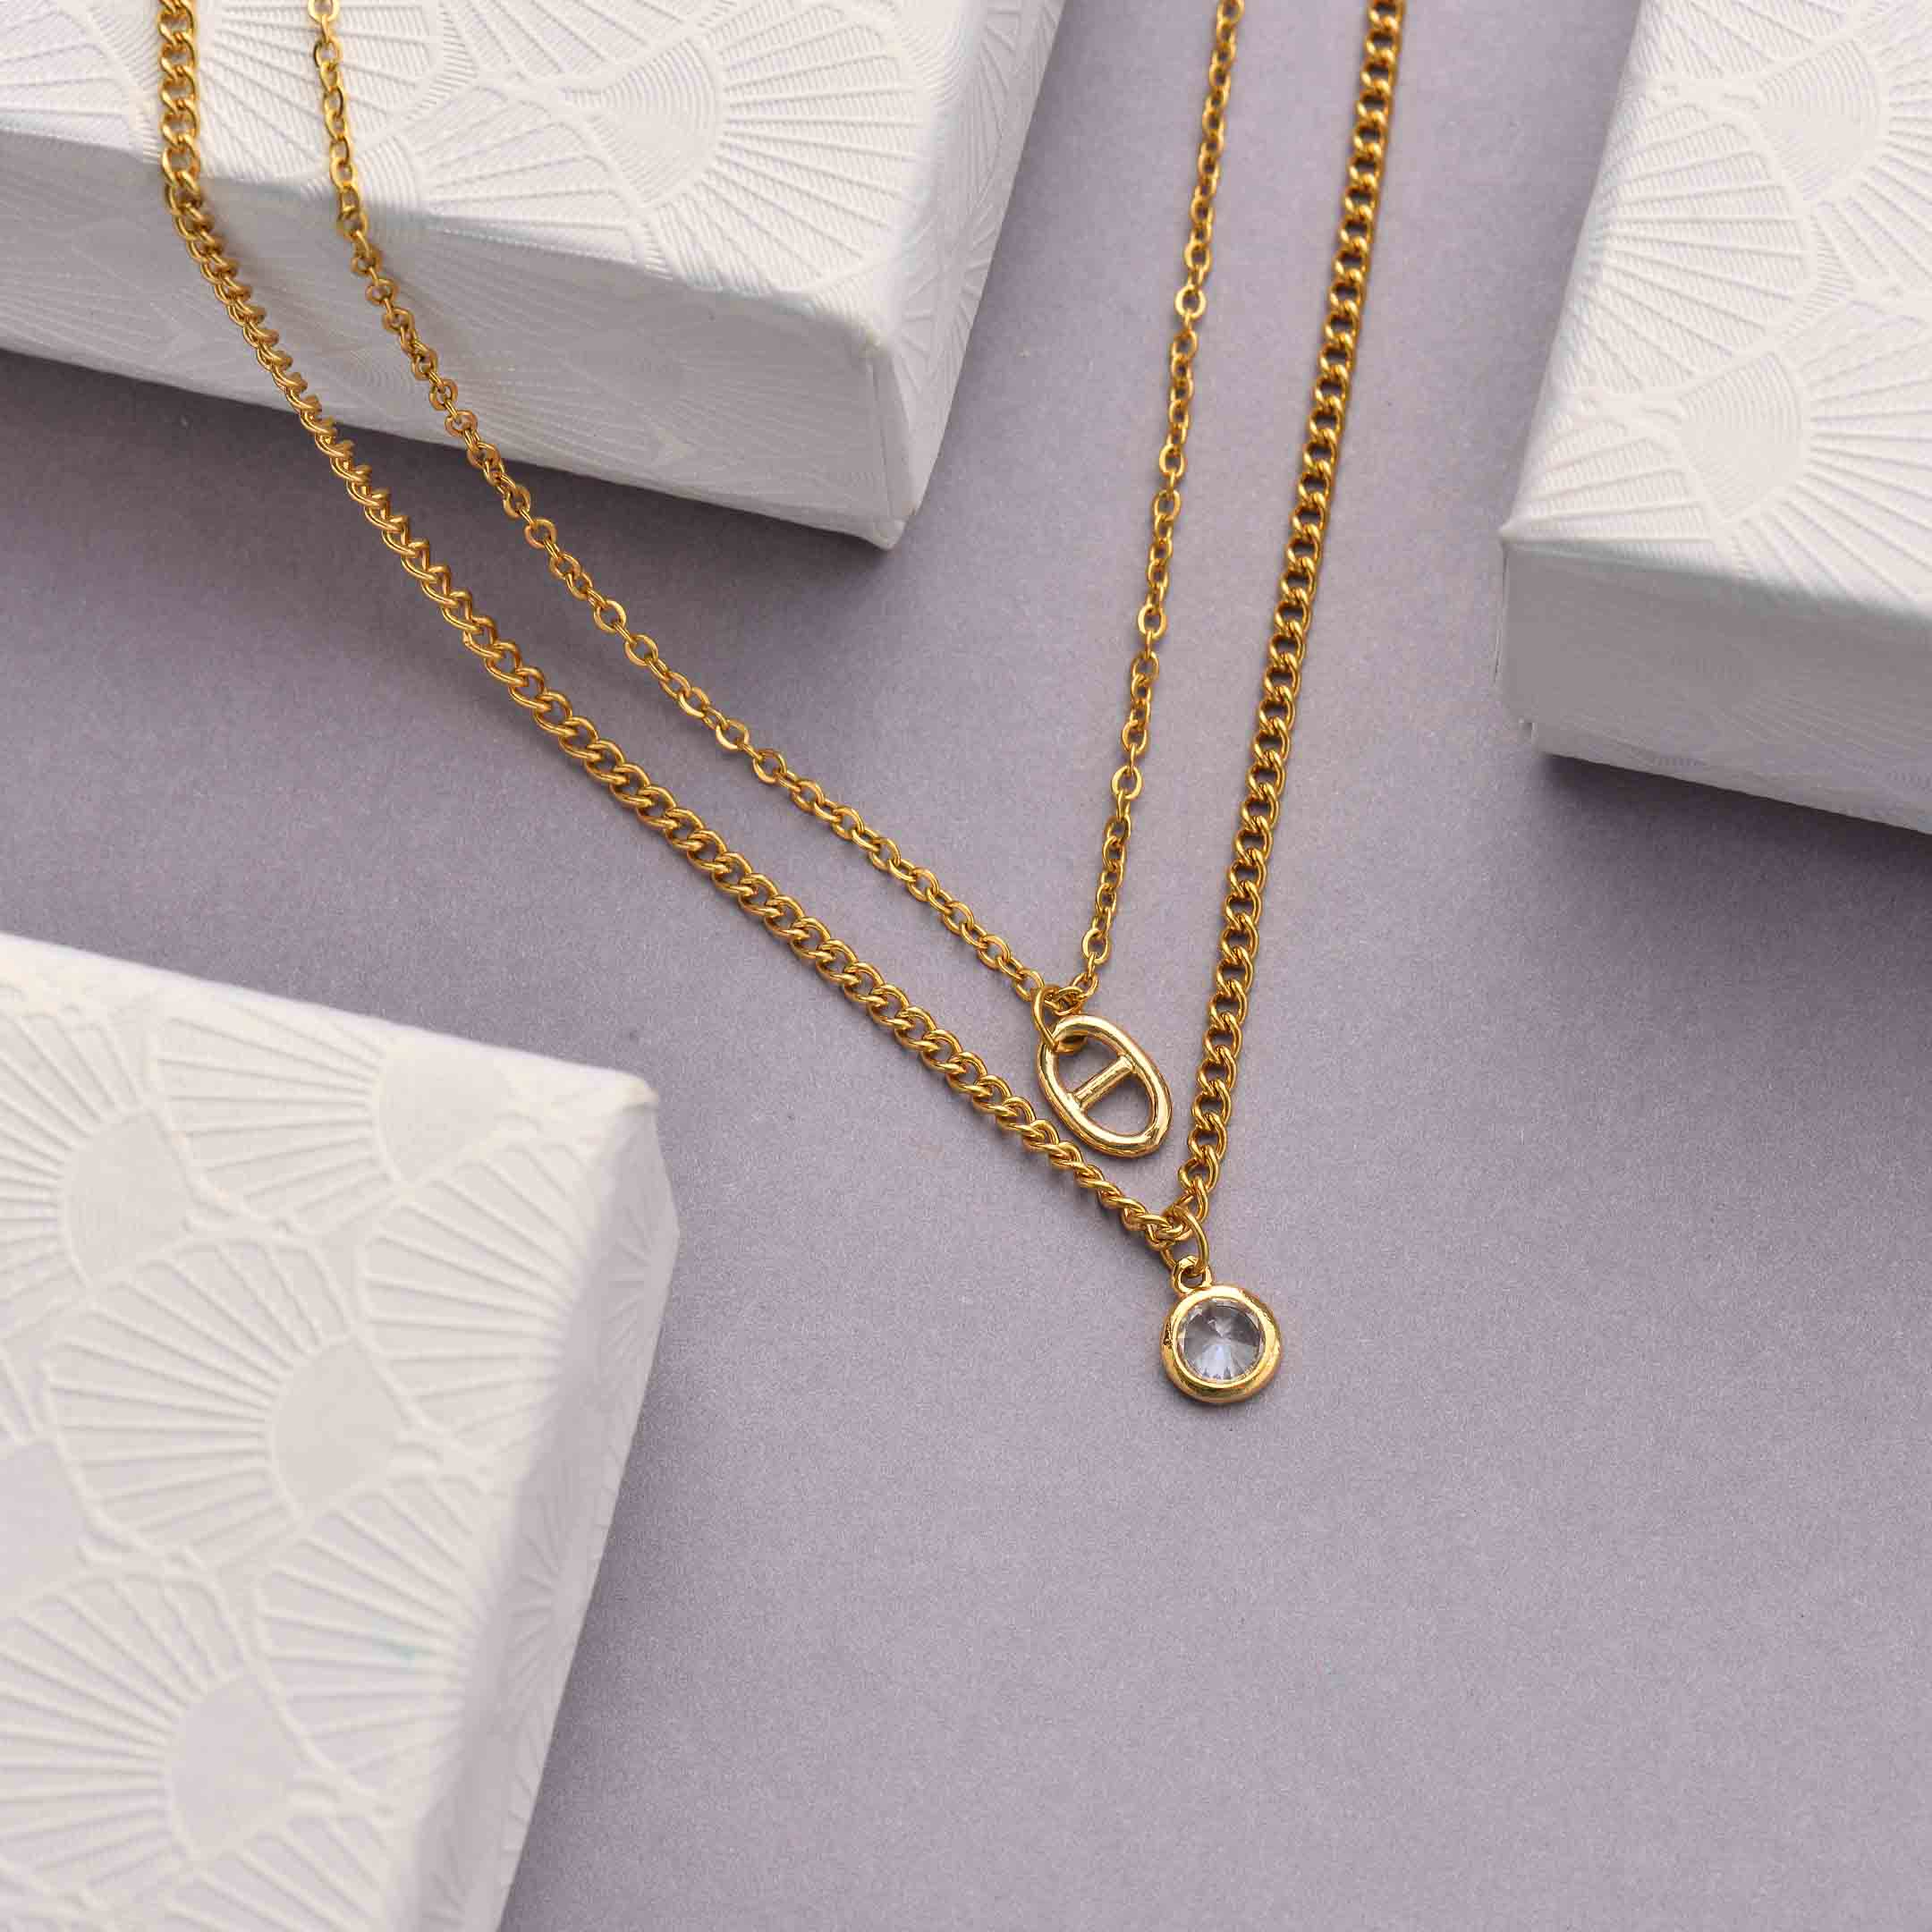 Collares de Acero Inoxidable para Mujer al por Mayor -SSNEG142-33803